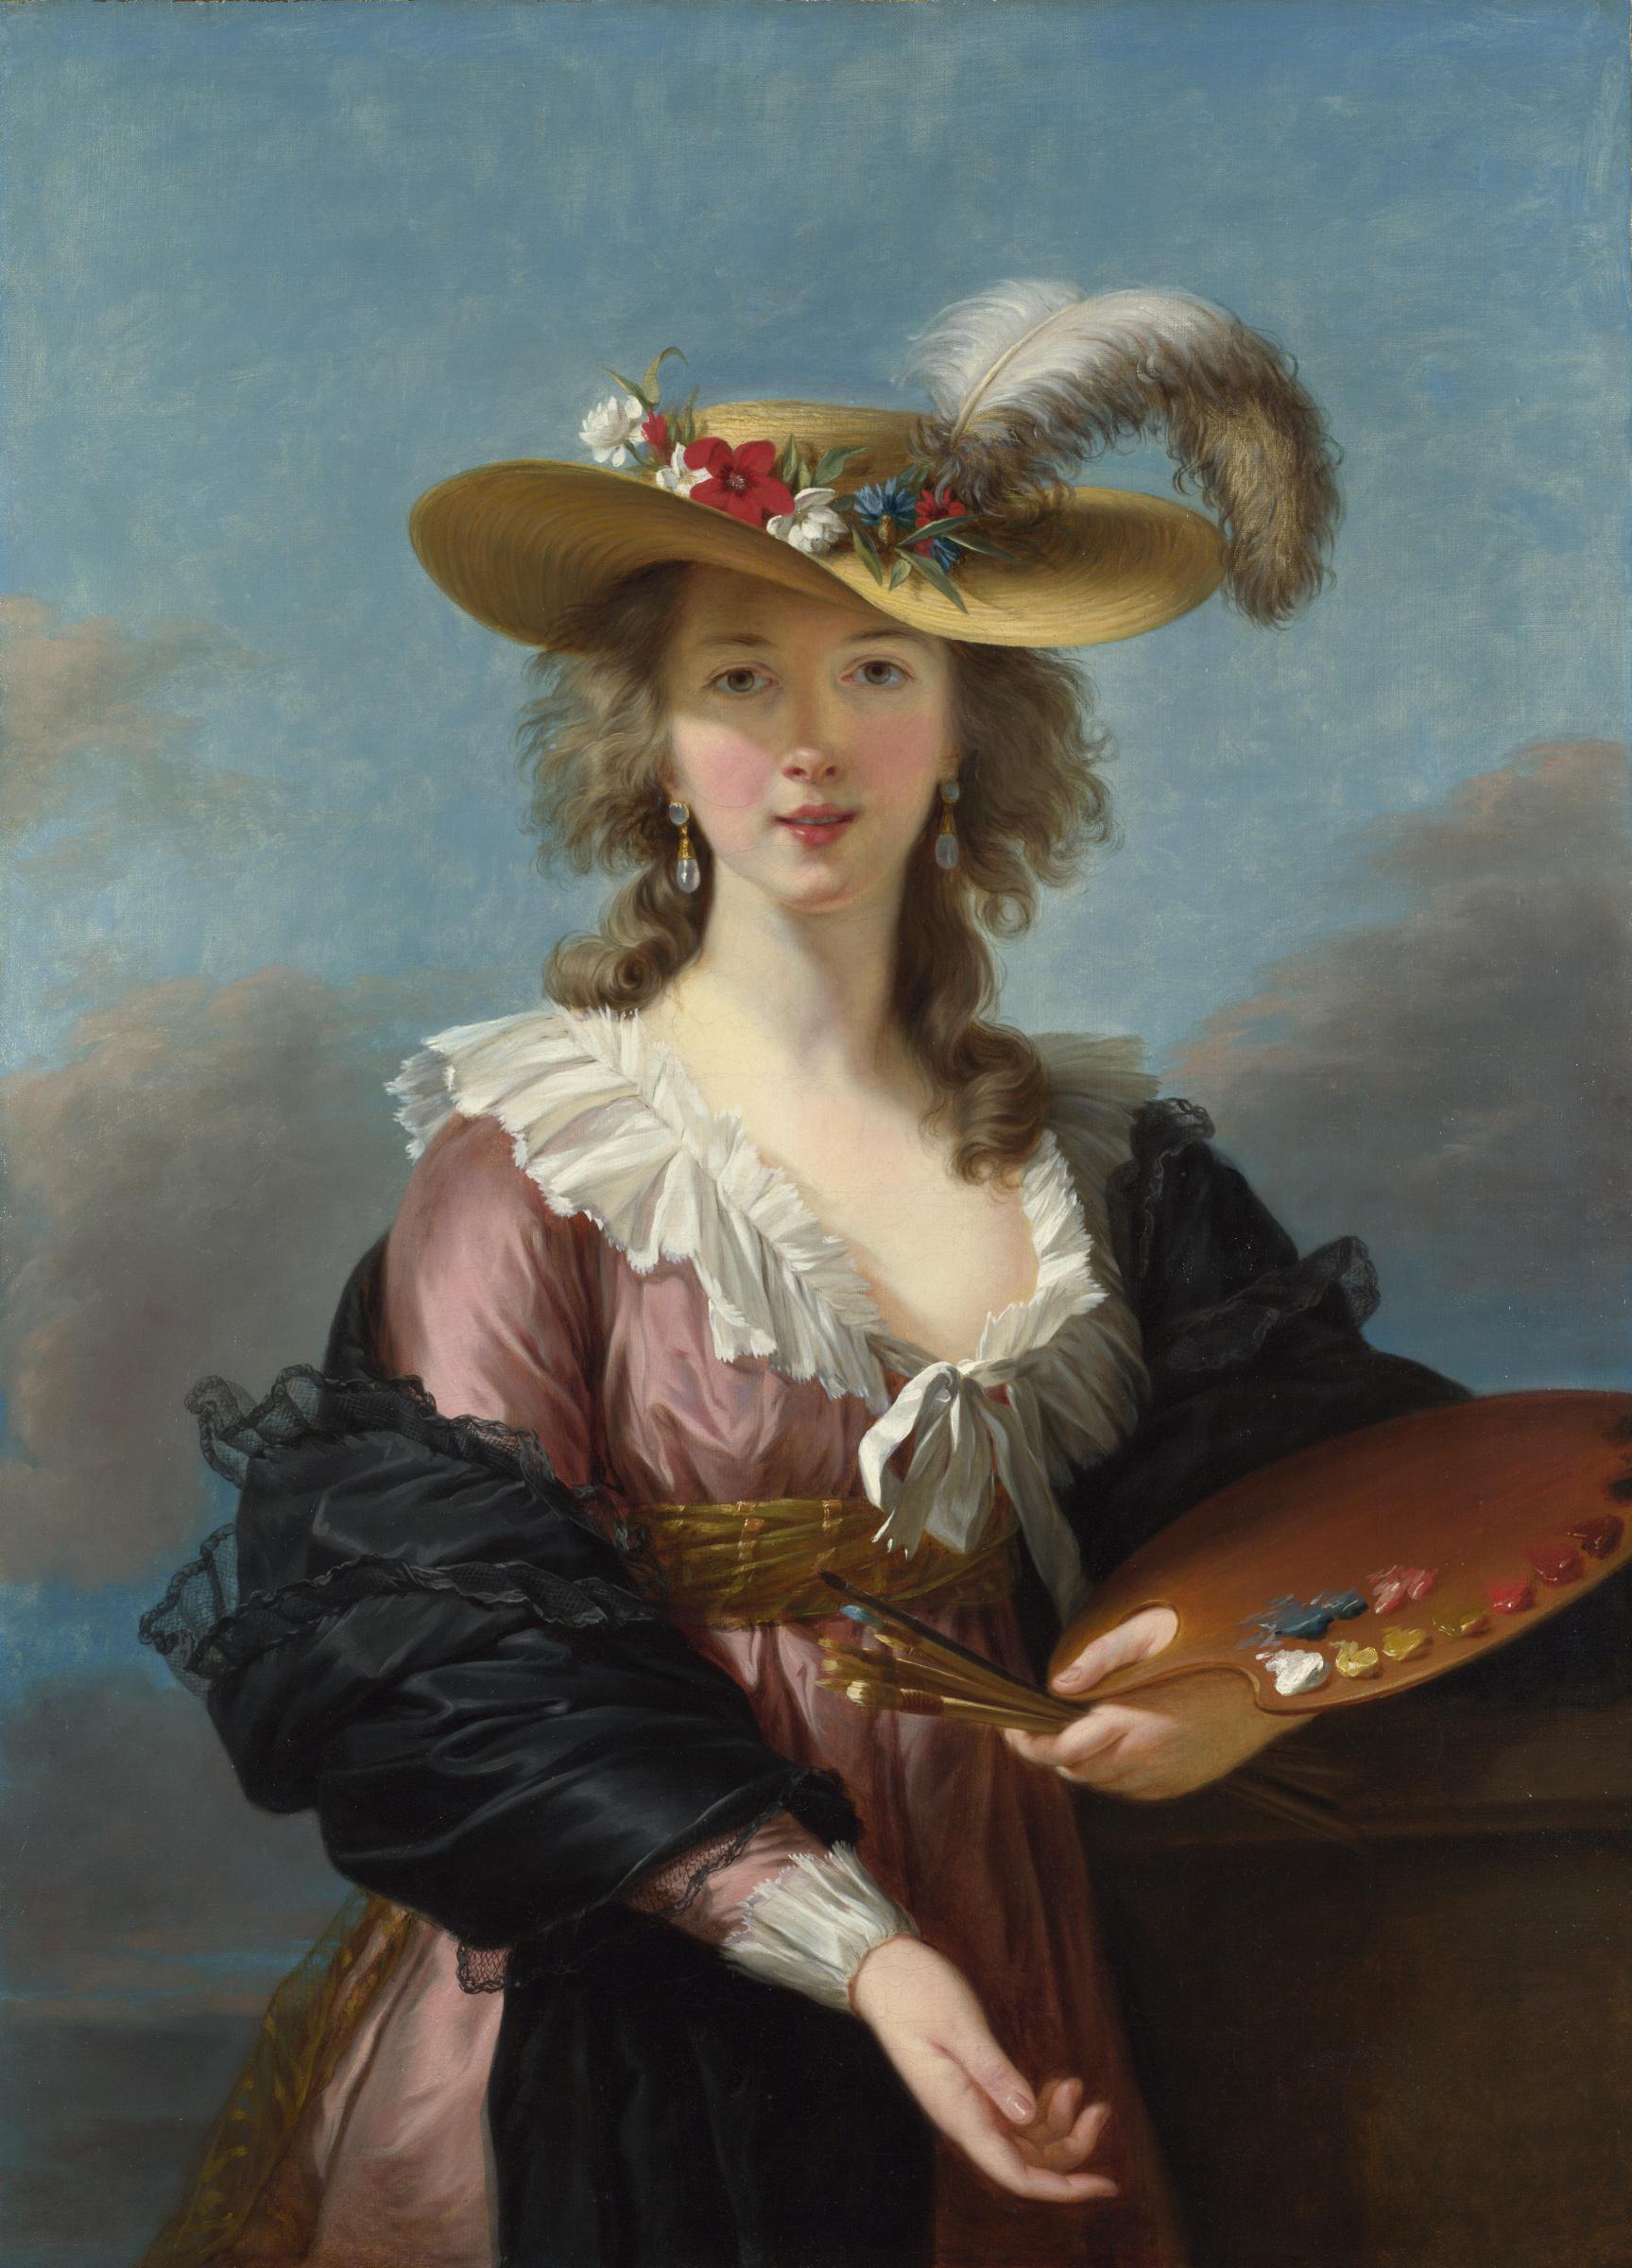 Элизабет Виже-Лебрен. Автопортрет в соломенной шляпе